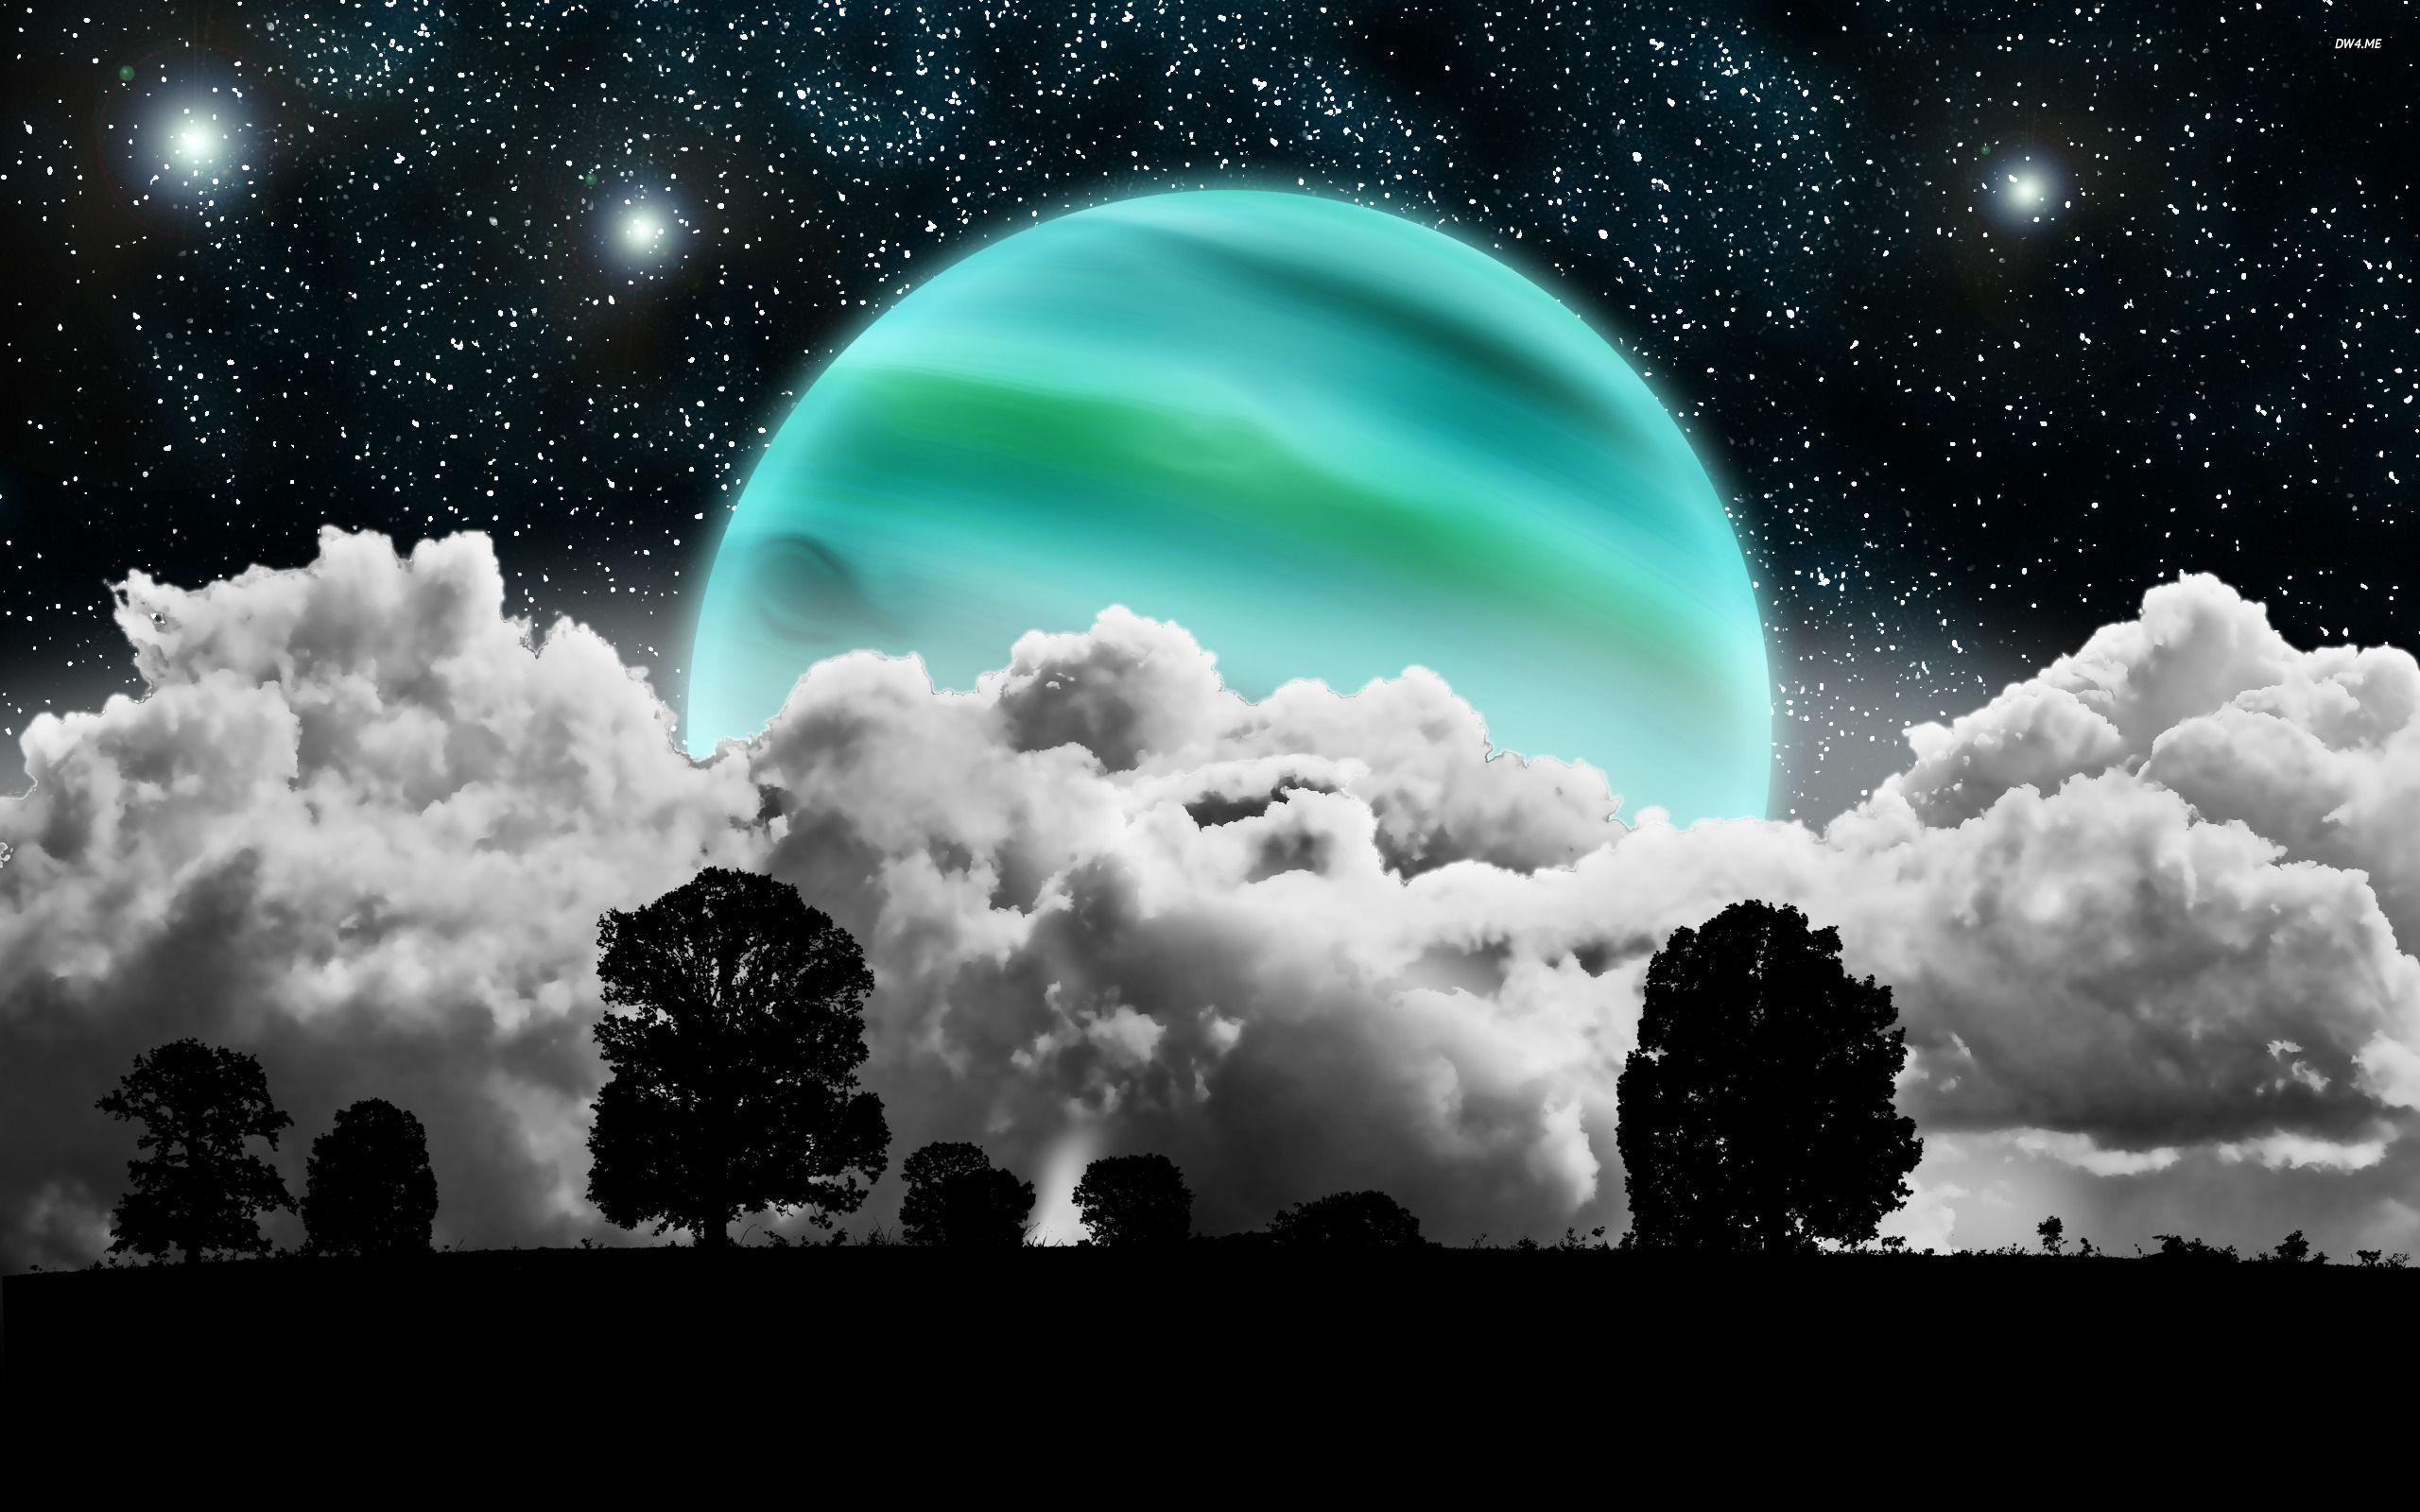 Fondos De Pantalla Cloud Wallpaper Hd Wallpaper